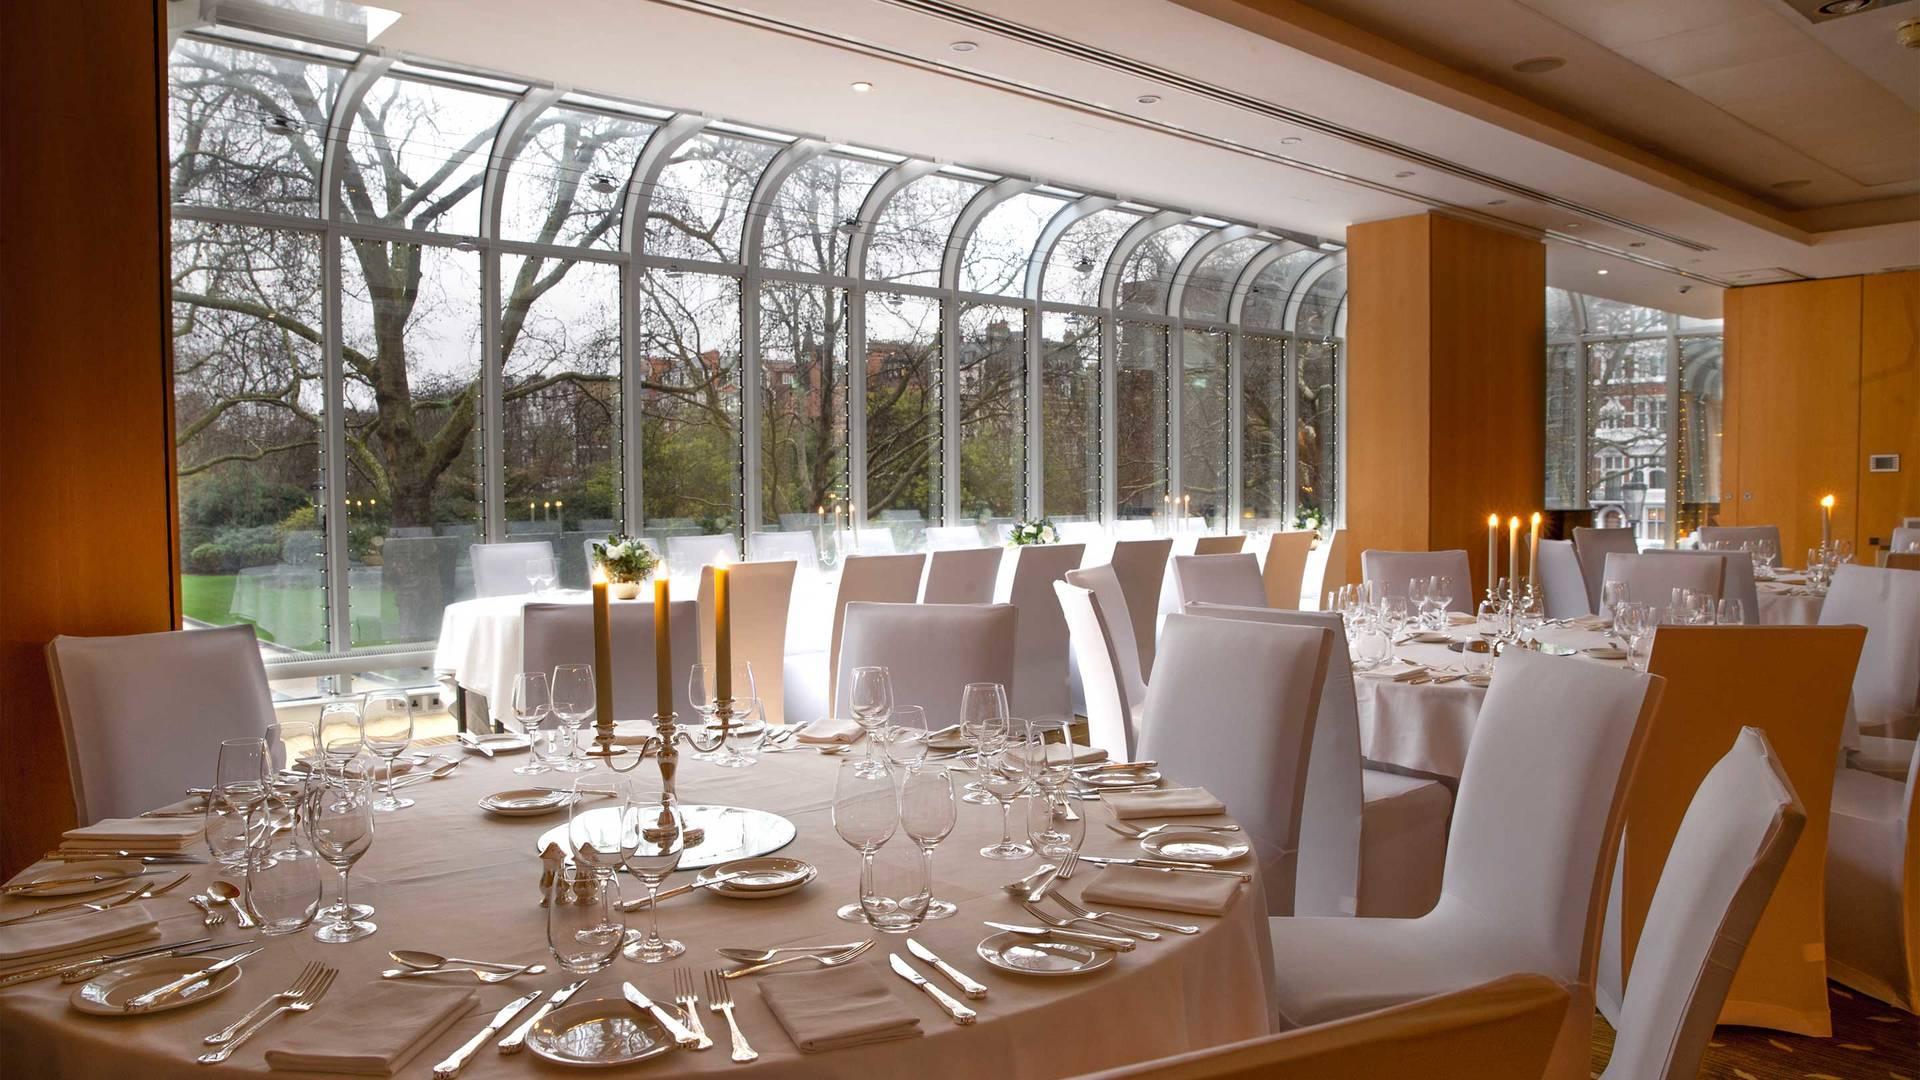 https://cdn.jumeirah.com/-/mediadh/DH/Hospitality/Jumeirah/Hotels/London/Jumeirah-Carlton-Tower/Meeting-Rooms/16-9_Jumeirah-Carlton-Tower-glasses-Garden-Rooms-dinner-2_landscape.jpg?h=1080&w=1920&hash=6E9F30373564AD215DFEB50274E48464